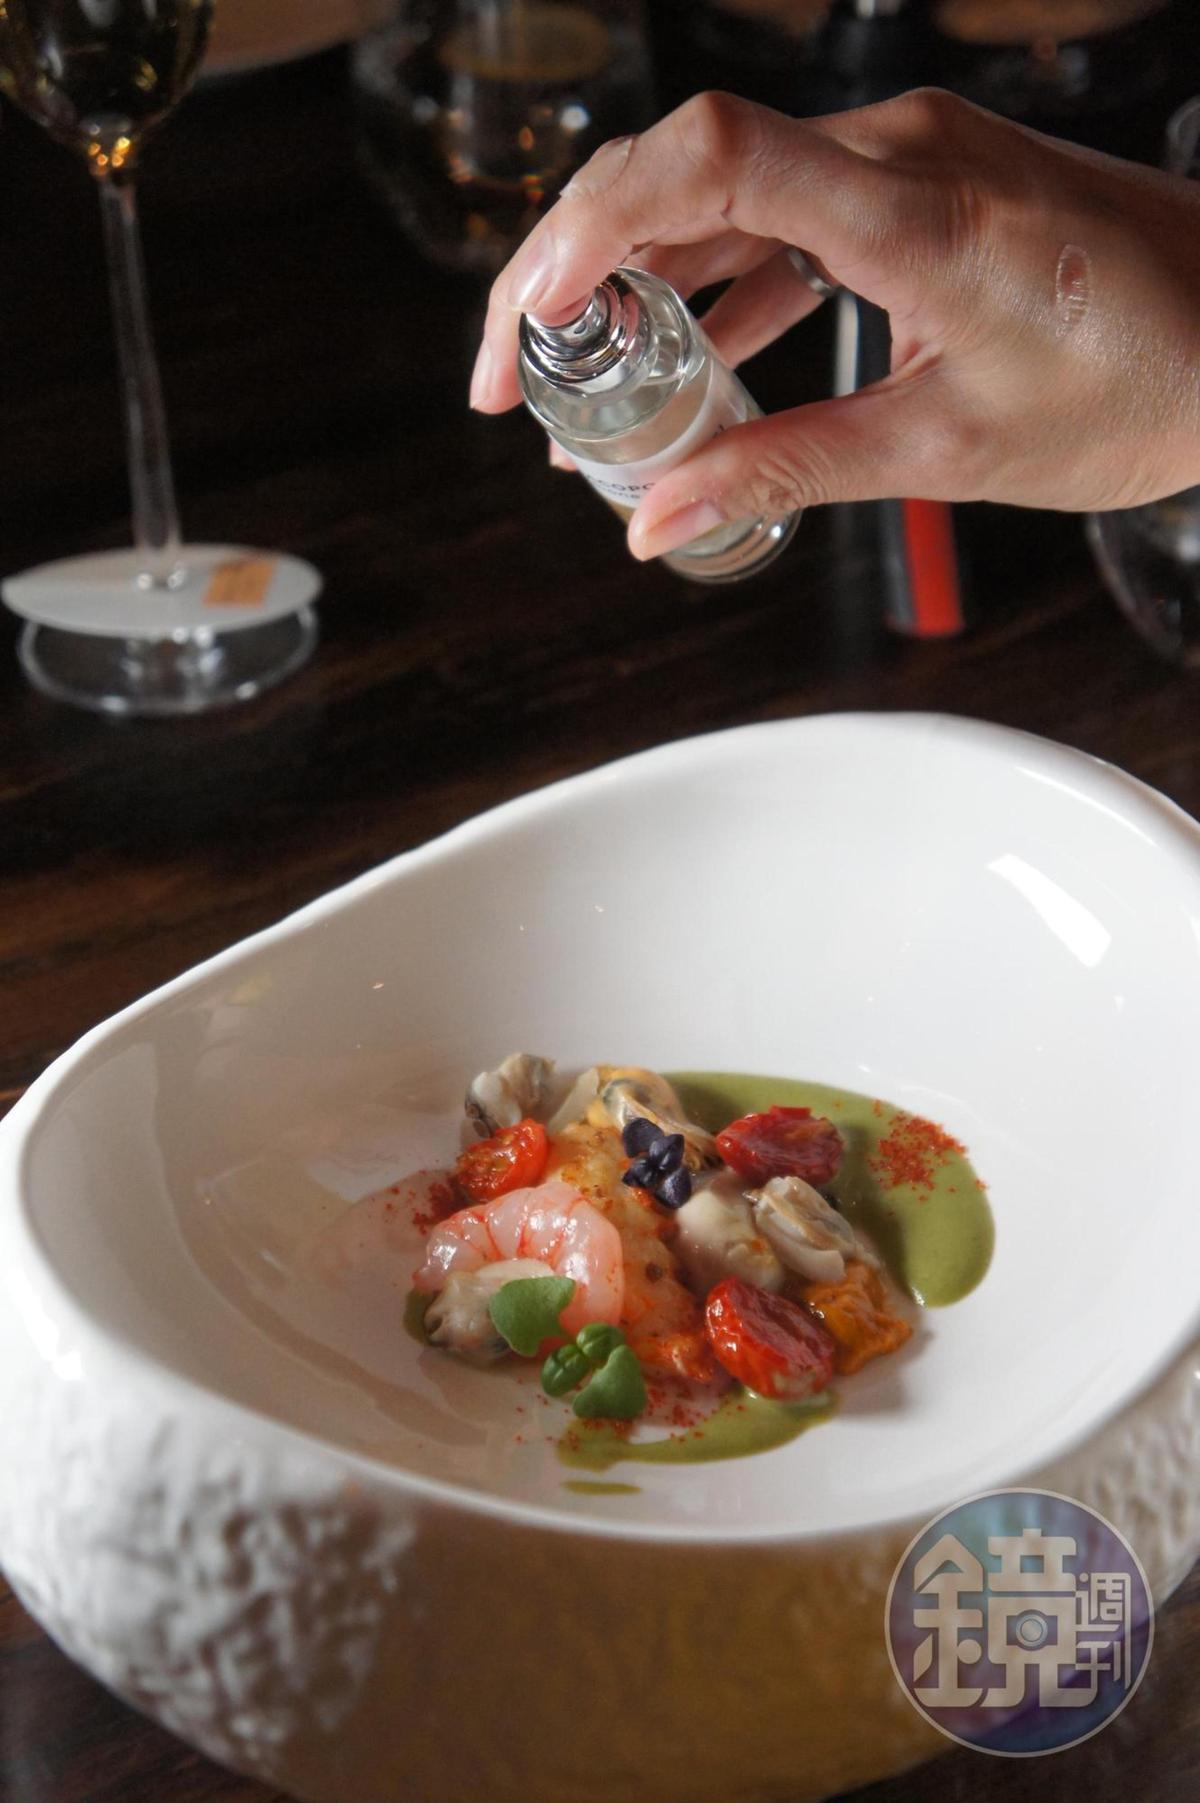 「海鮮燉飯、生蠔、紅蝦、螯蝦、海膽」上桌時會先噴上檸檬香氛。